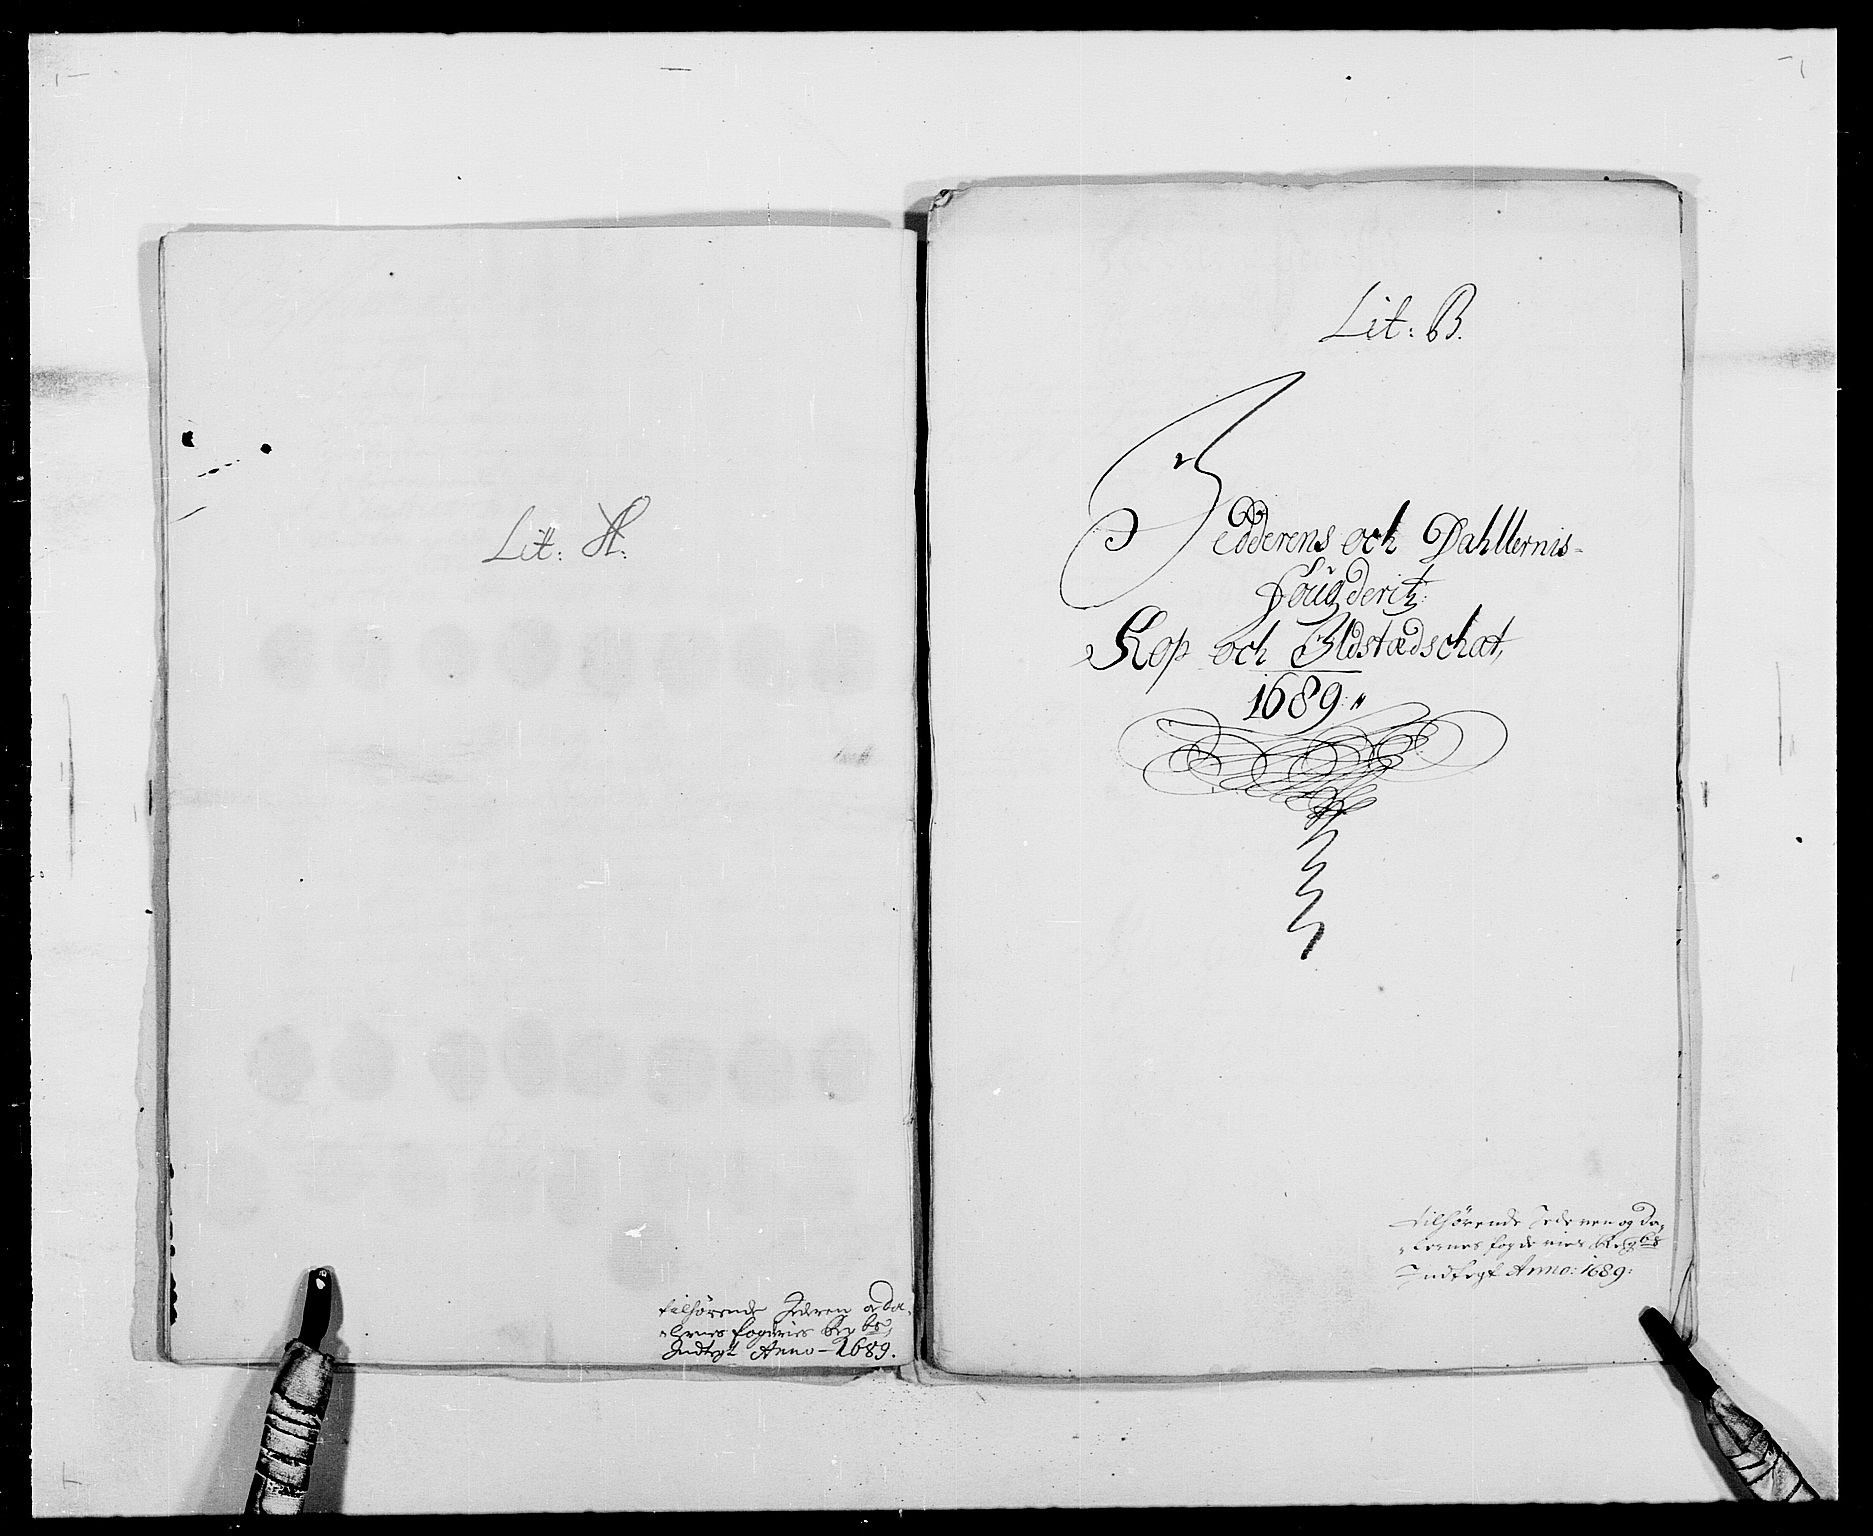 RA, Rentekammeret inntil 1814, Reviderte regnskaper, Fogderegnskap, R46/L2726: Fogderegnskap Jæren og Dalane, 1686-1689, s. 341